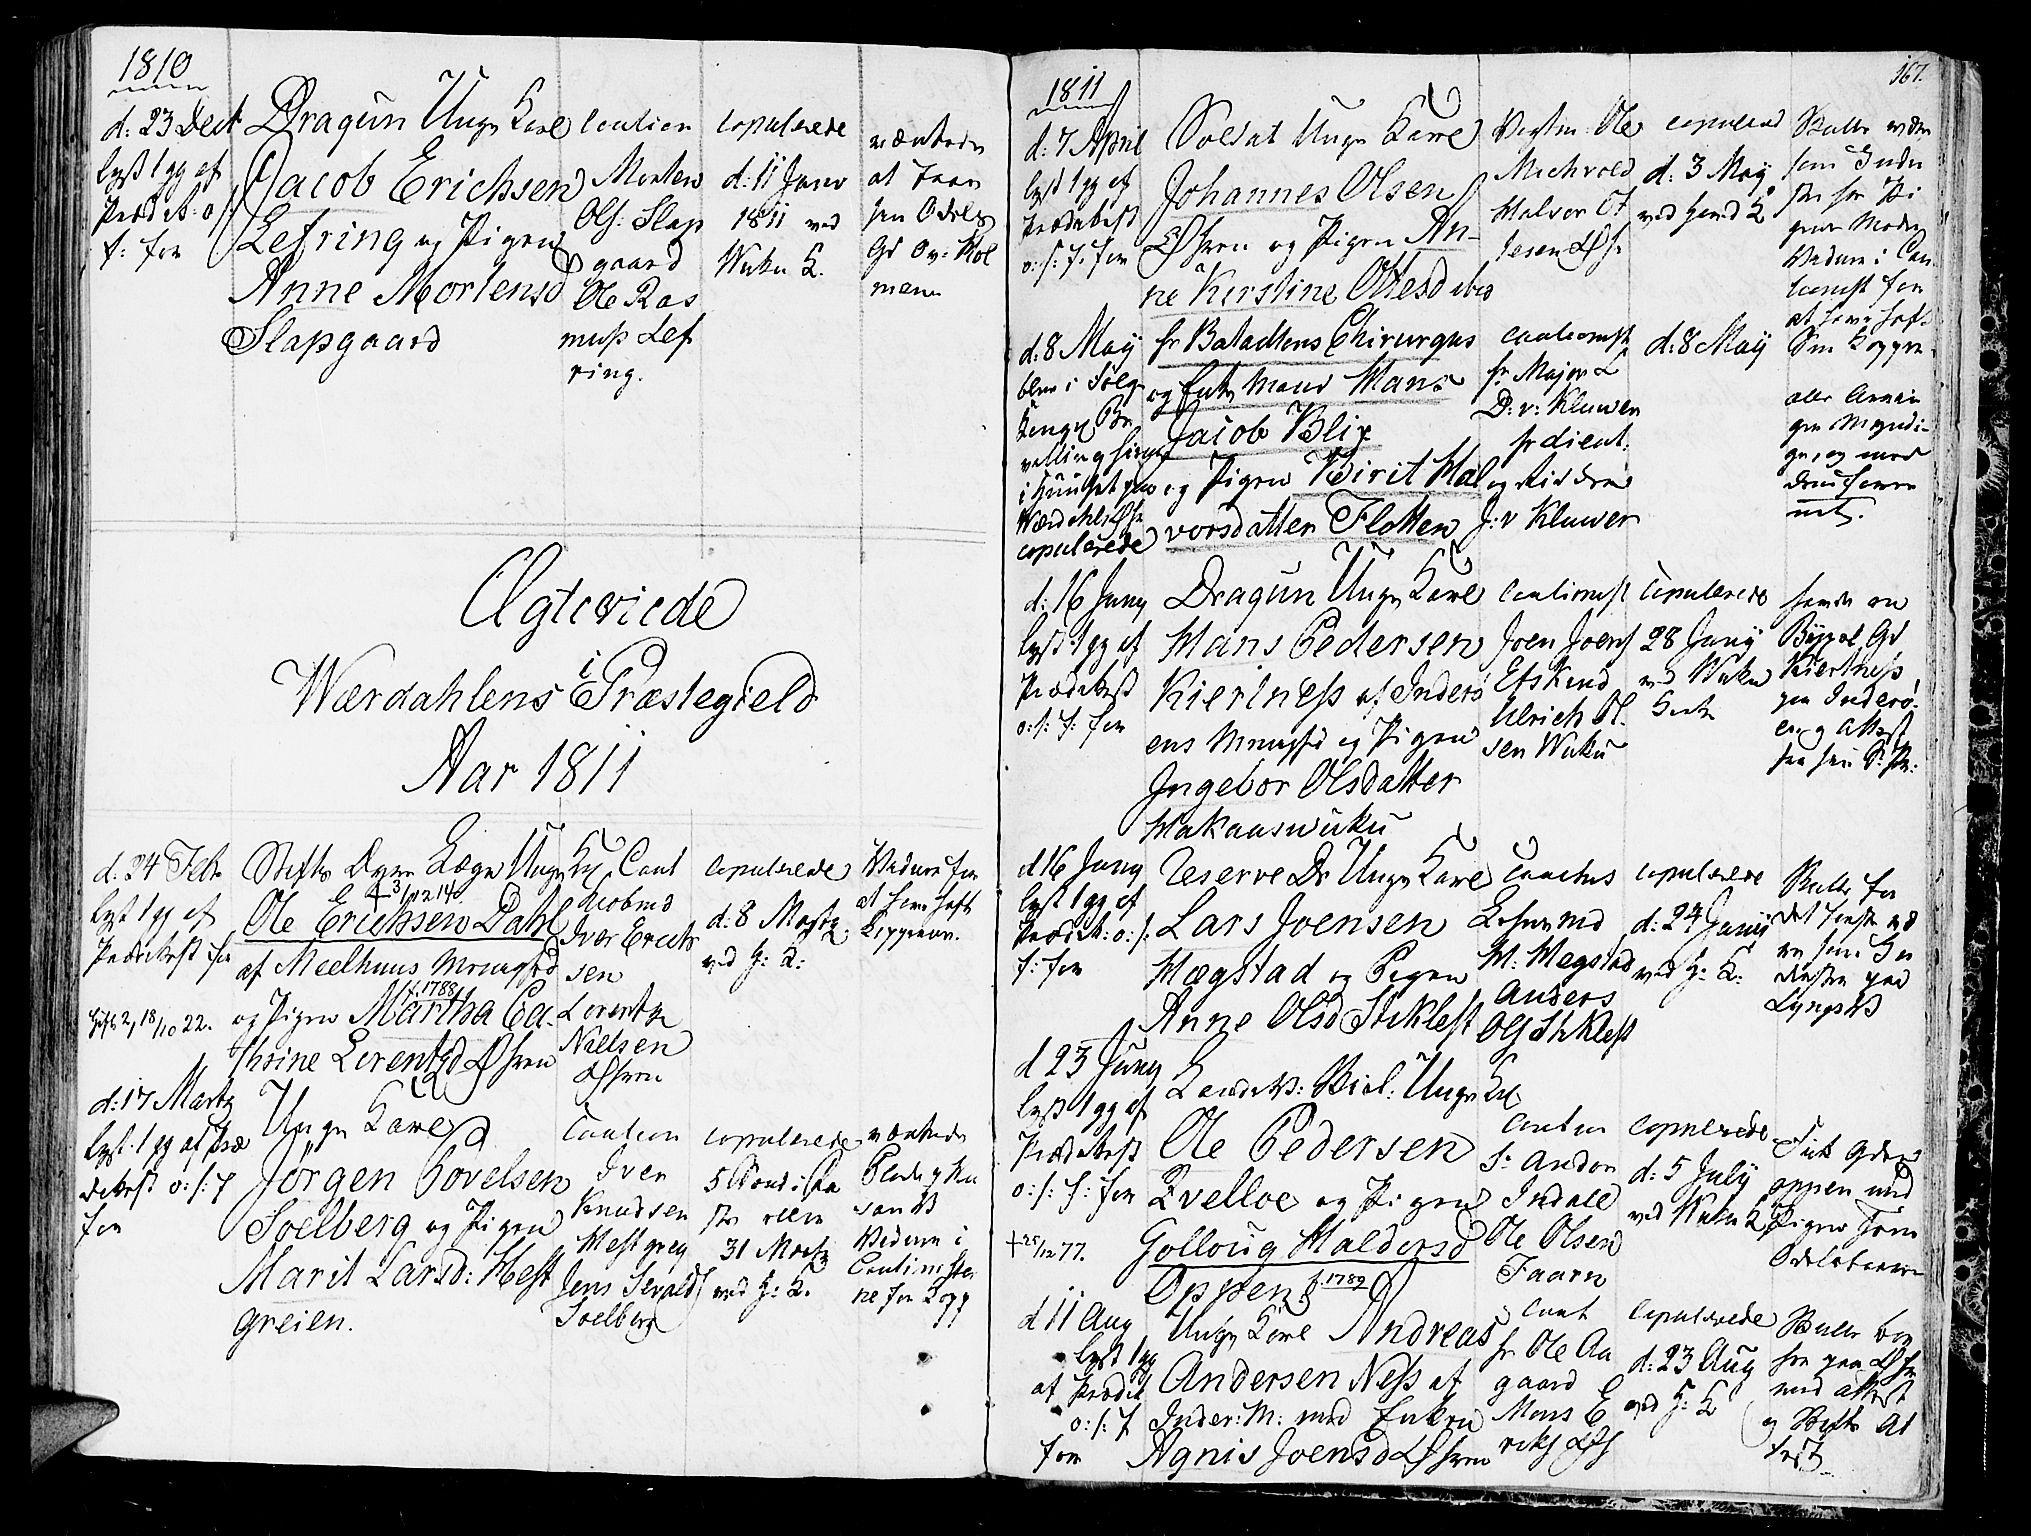 SAT, Ministerialprotokoller, klokkerbøker og fødselsregistre - Nord-Trøndelag, 723/L0233: Ministerialbok nr. 723A04, 1805-1816, s. 167